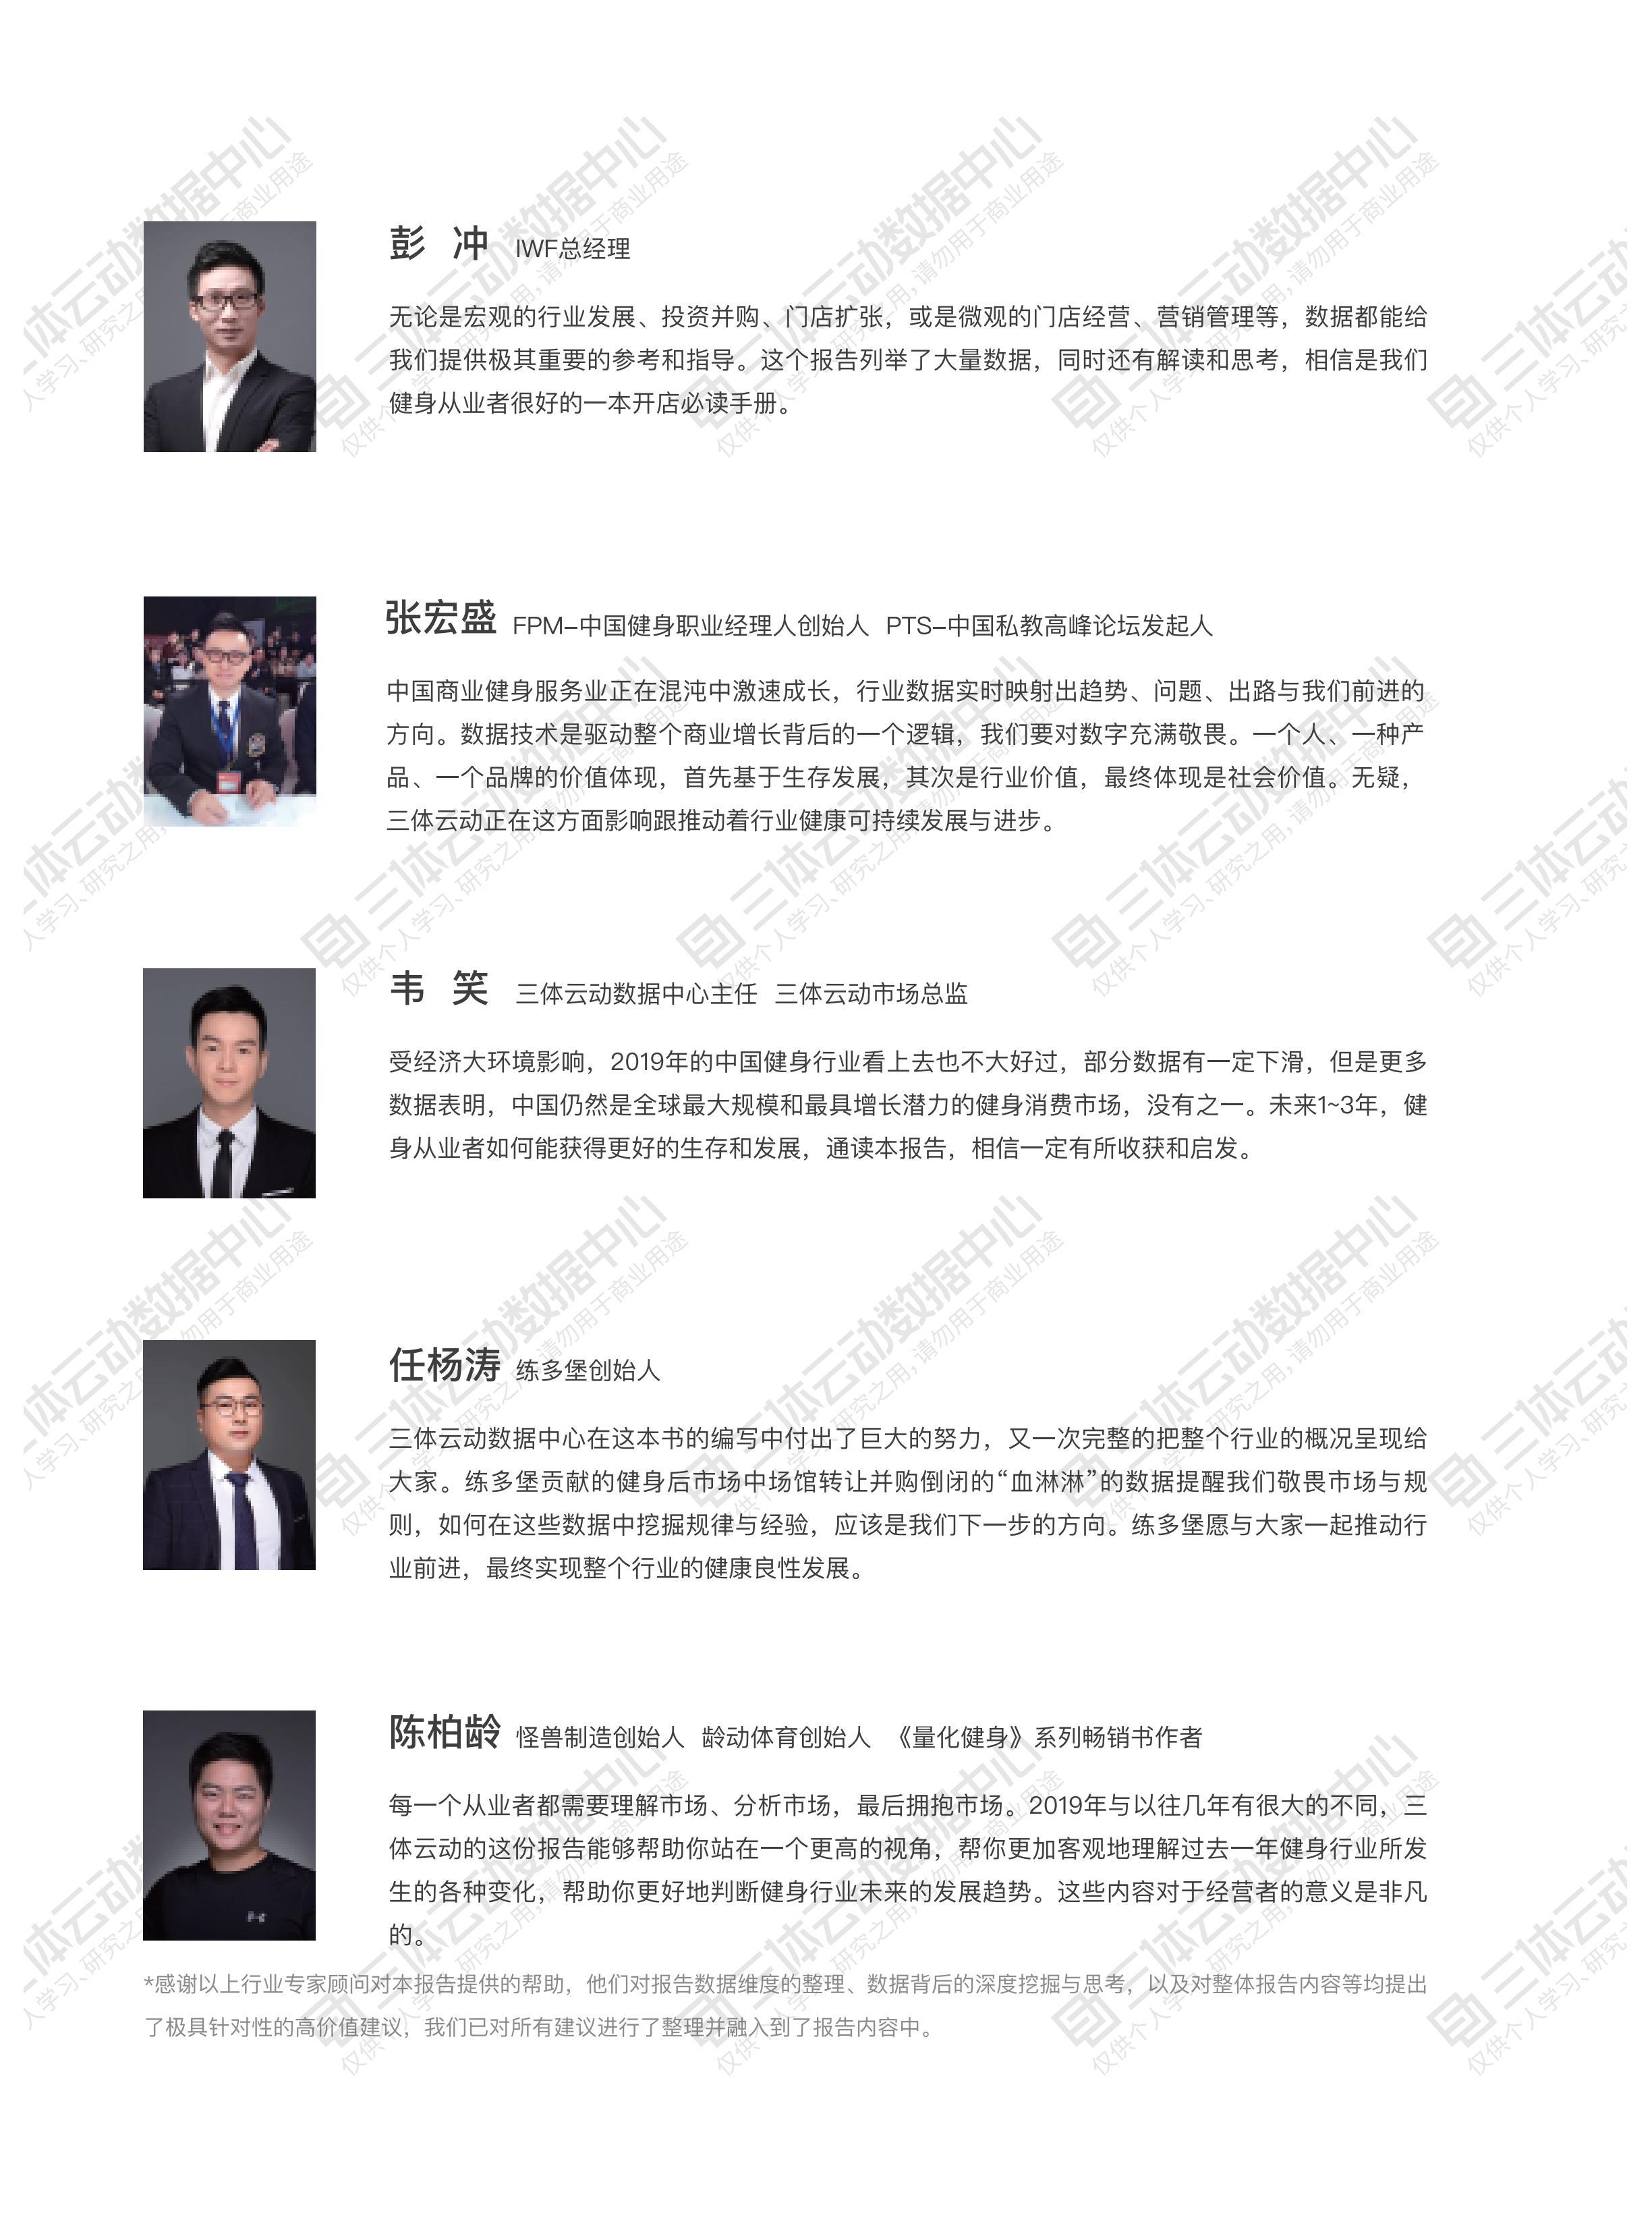 【免费下载】三体云动2019中国健身行业数据报告(简版)插图(6)